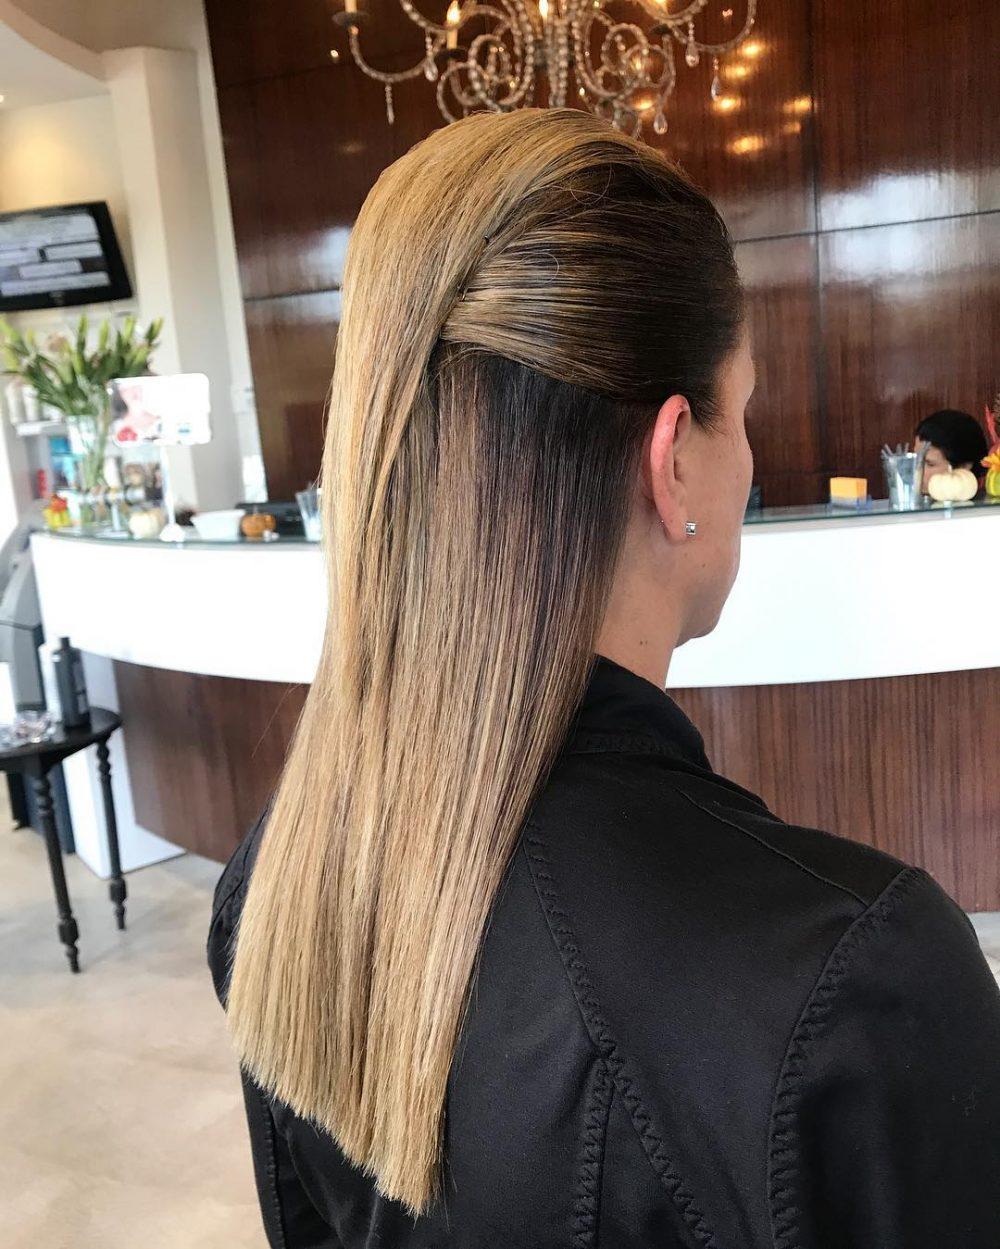 Элегантная прическа на гладких волосах